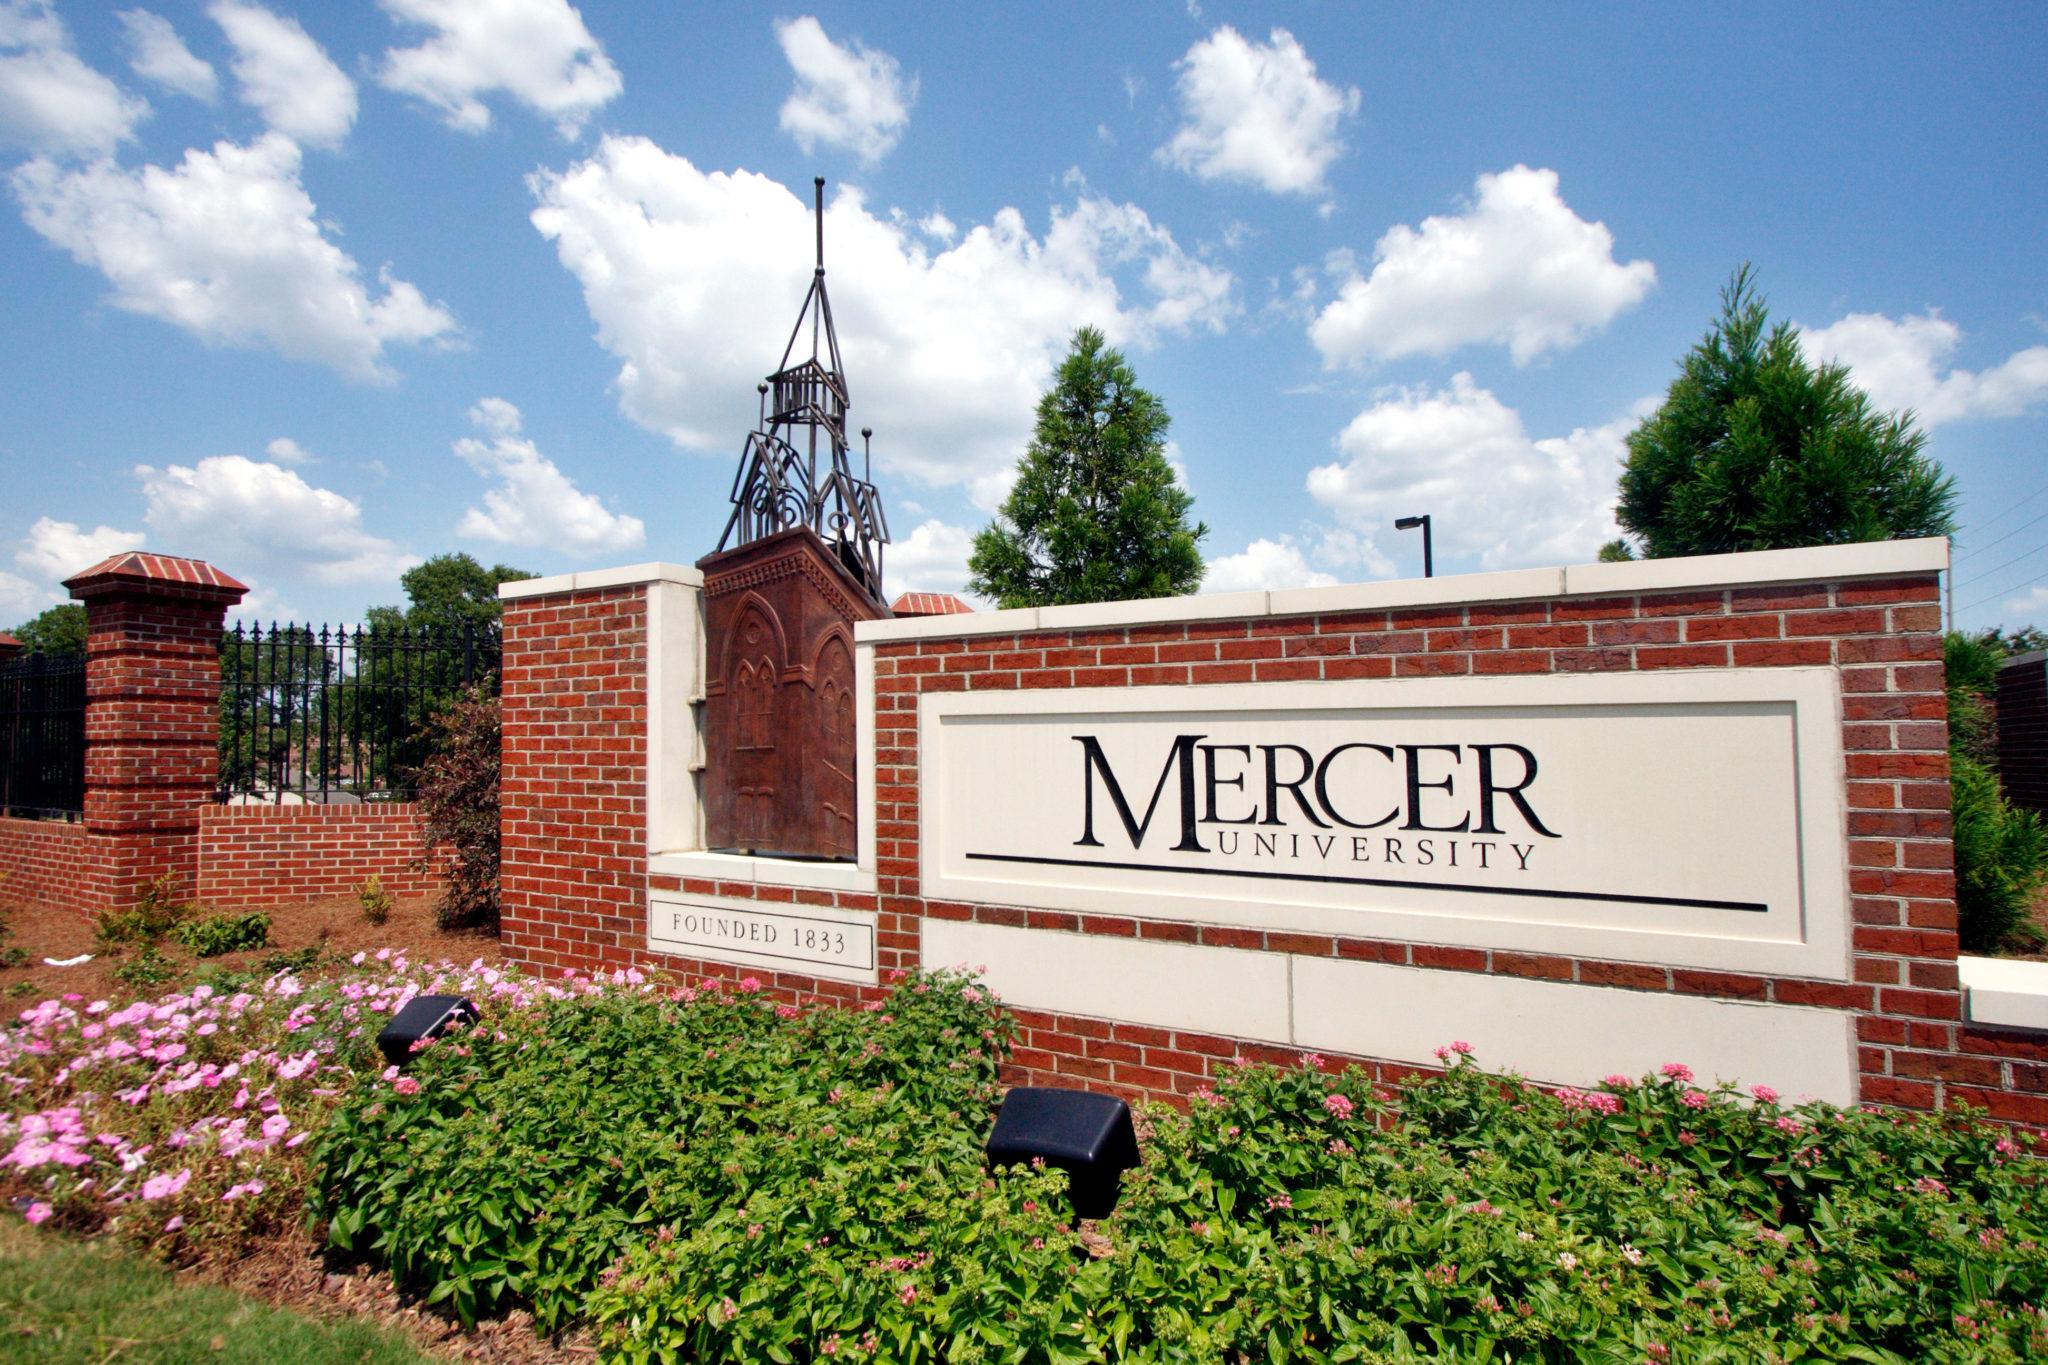 Entry sign to Mercer University